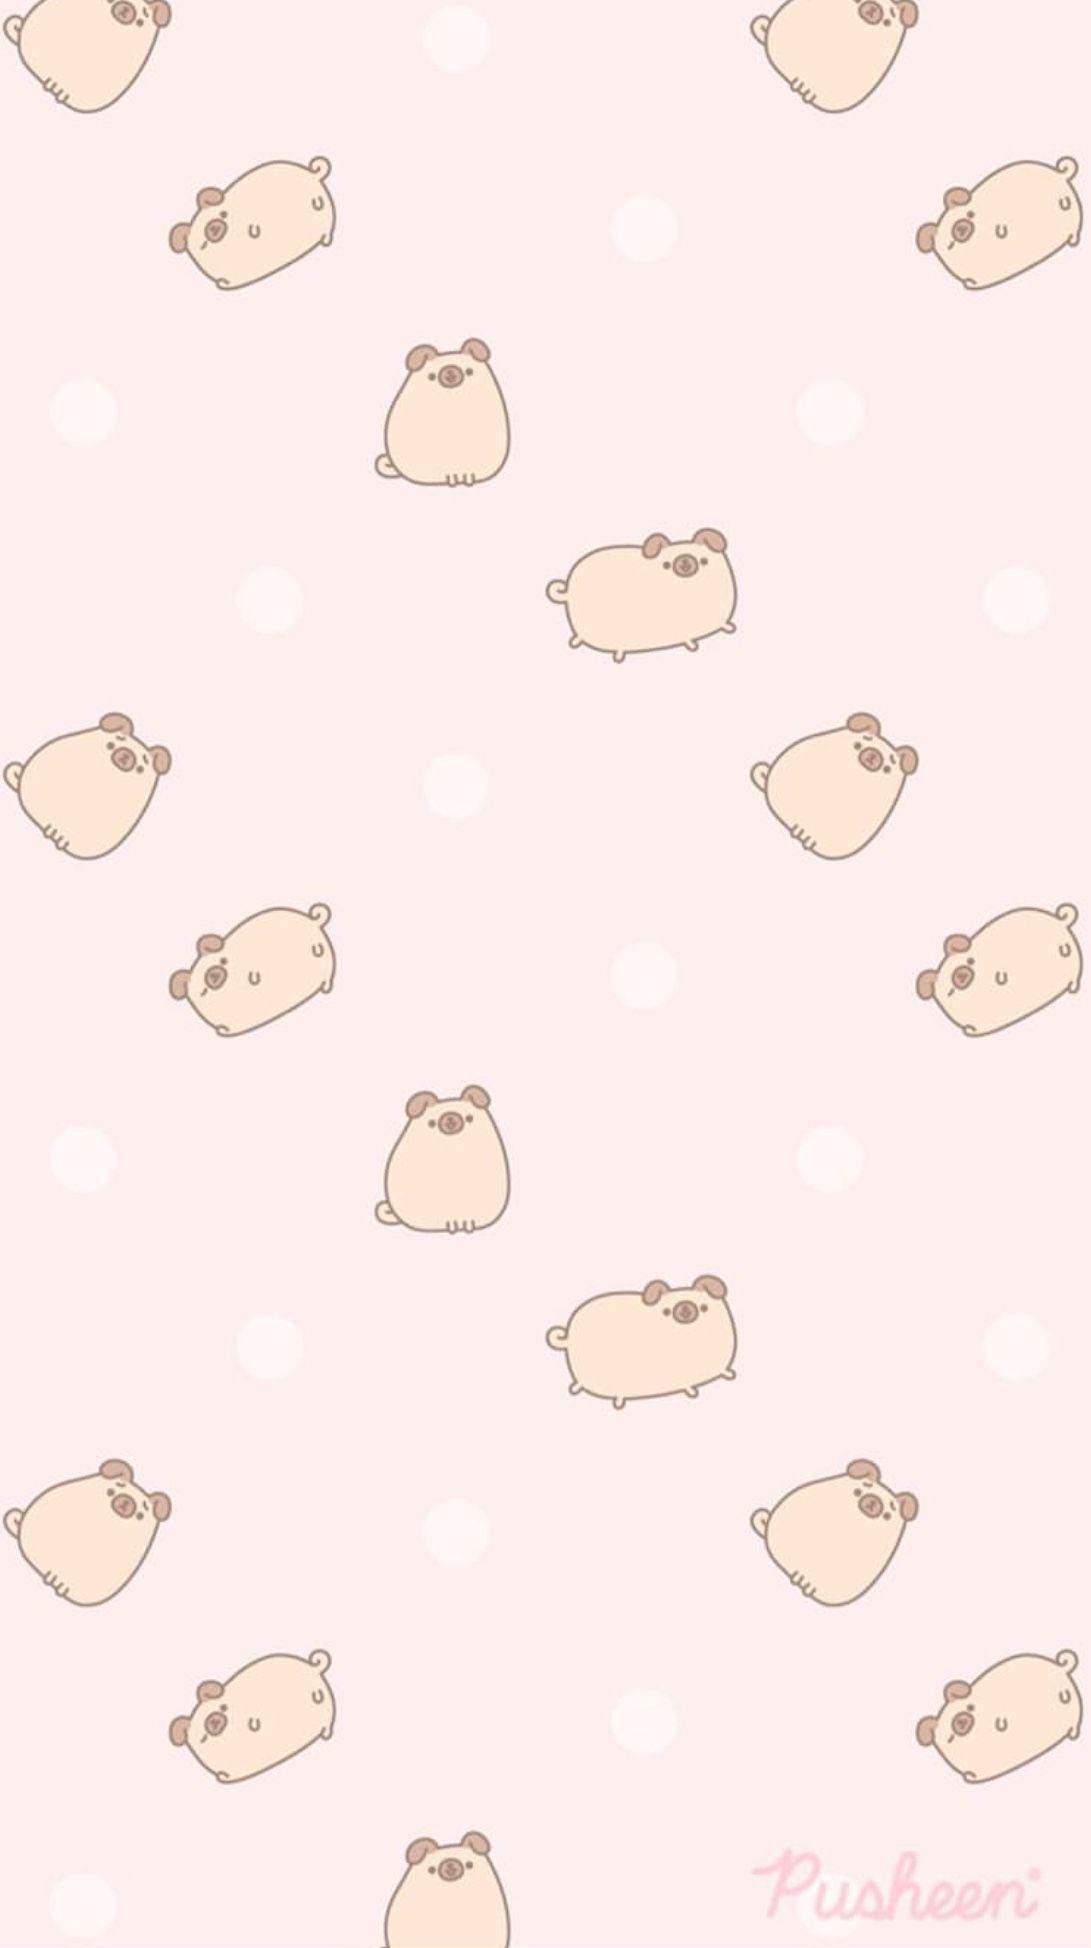 Pin By Breianne Ybarra On Pusheen Pusheen Cute Pusheen Cat Kawaii Wallpaper